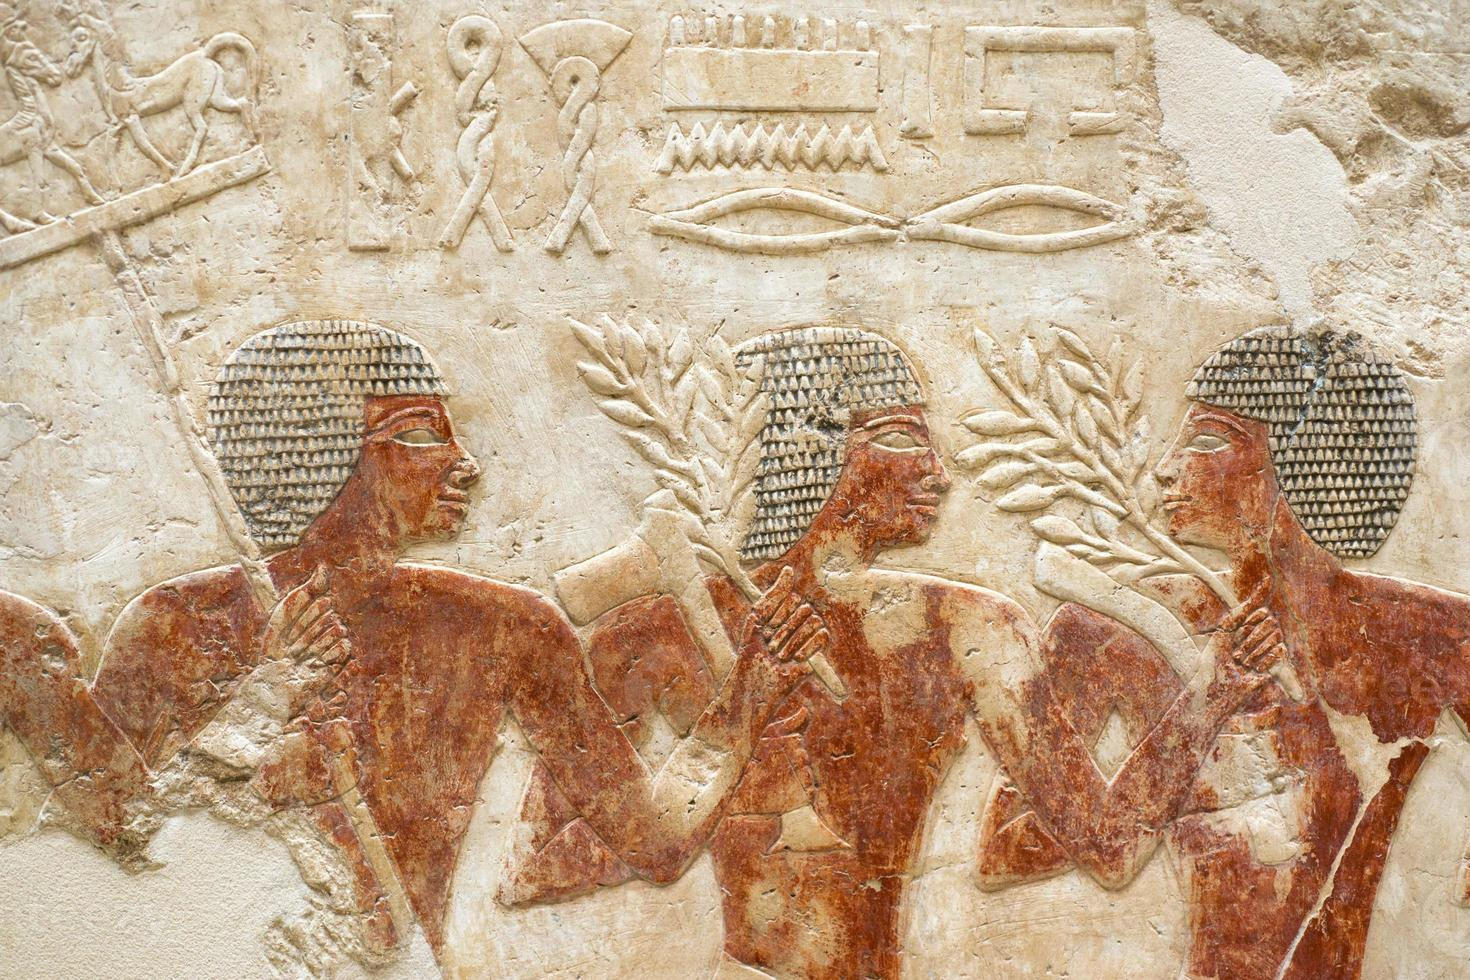 escultura egípcia foto